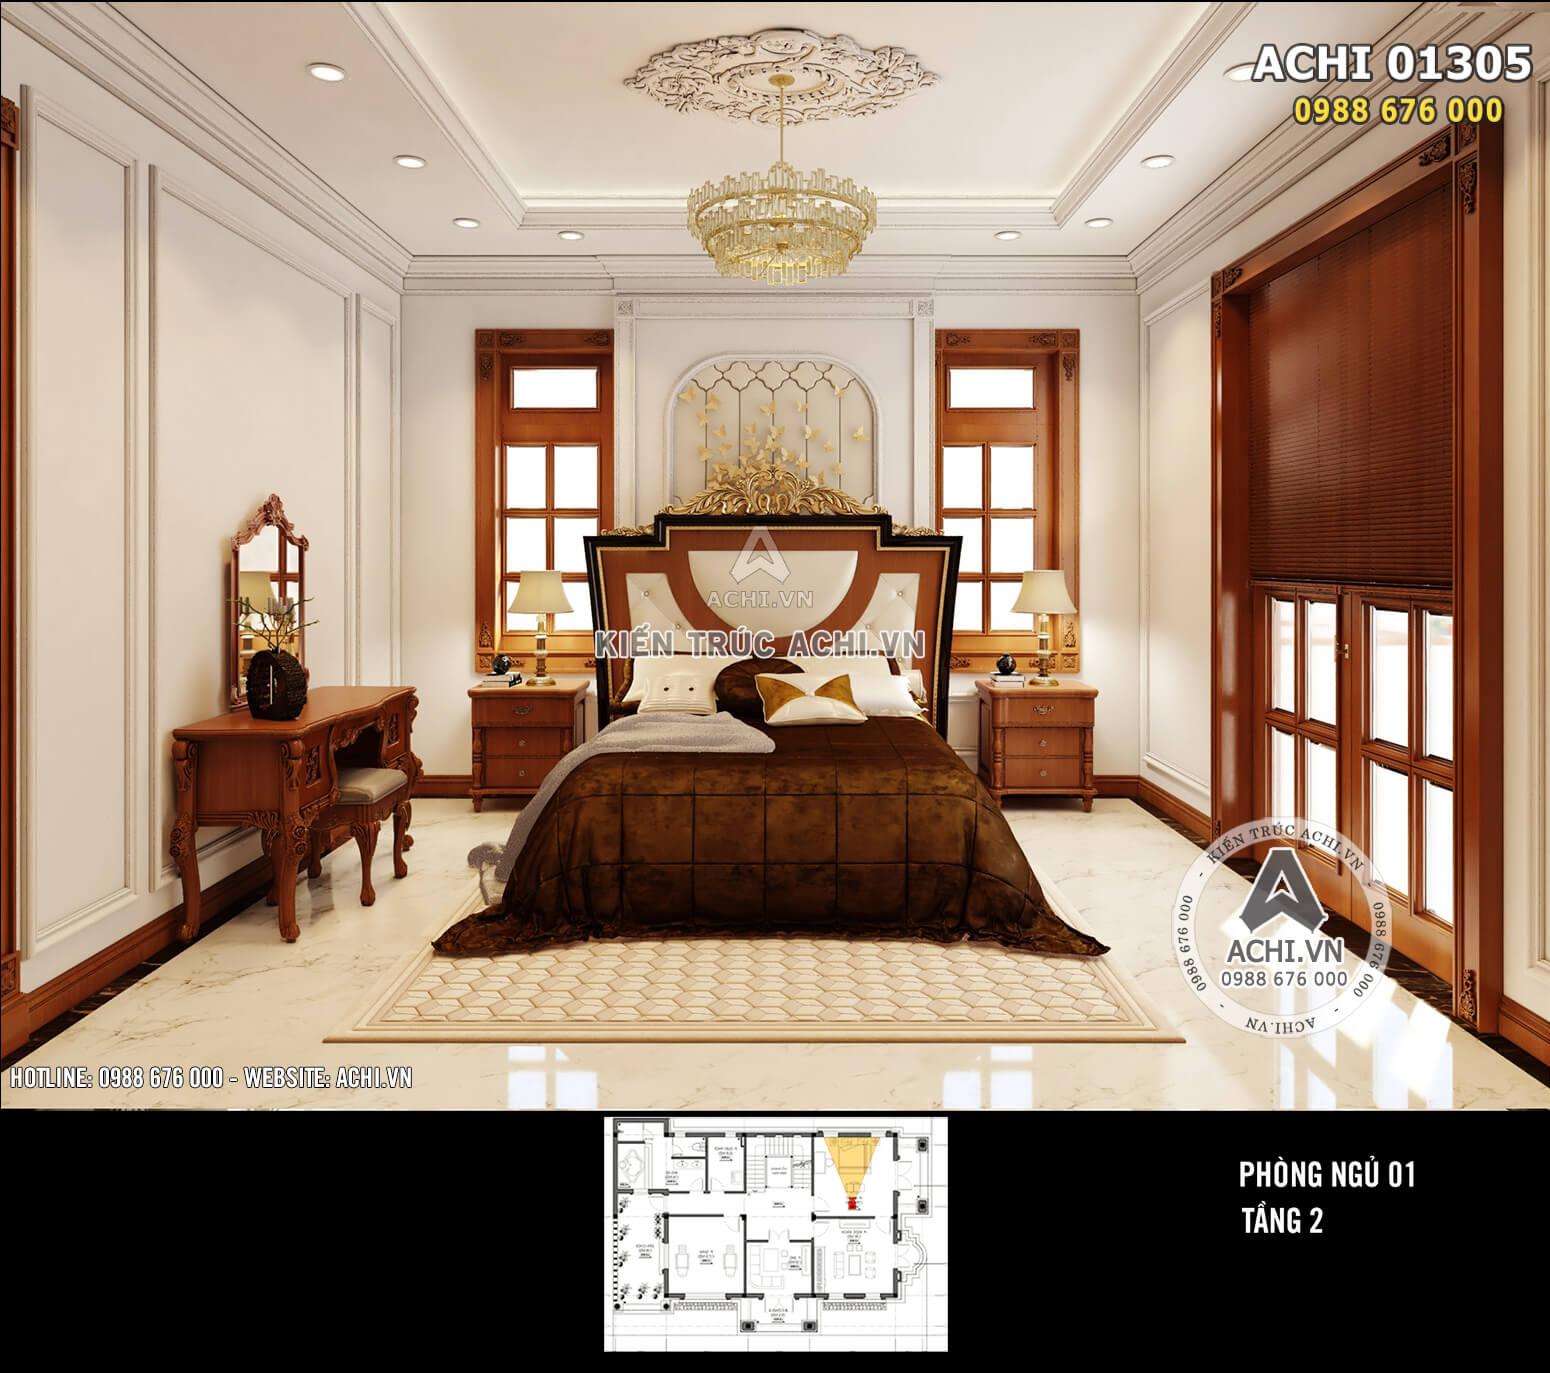 Phòng ngủ giản dị, tinh tế với sự bố trí thông minh, ngăn nắp và tiện nghi